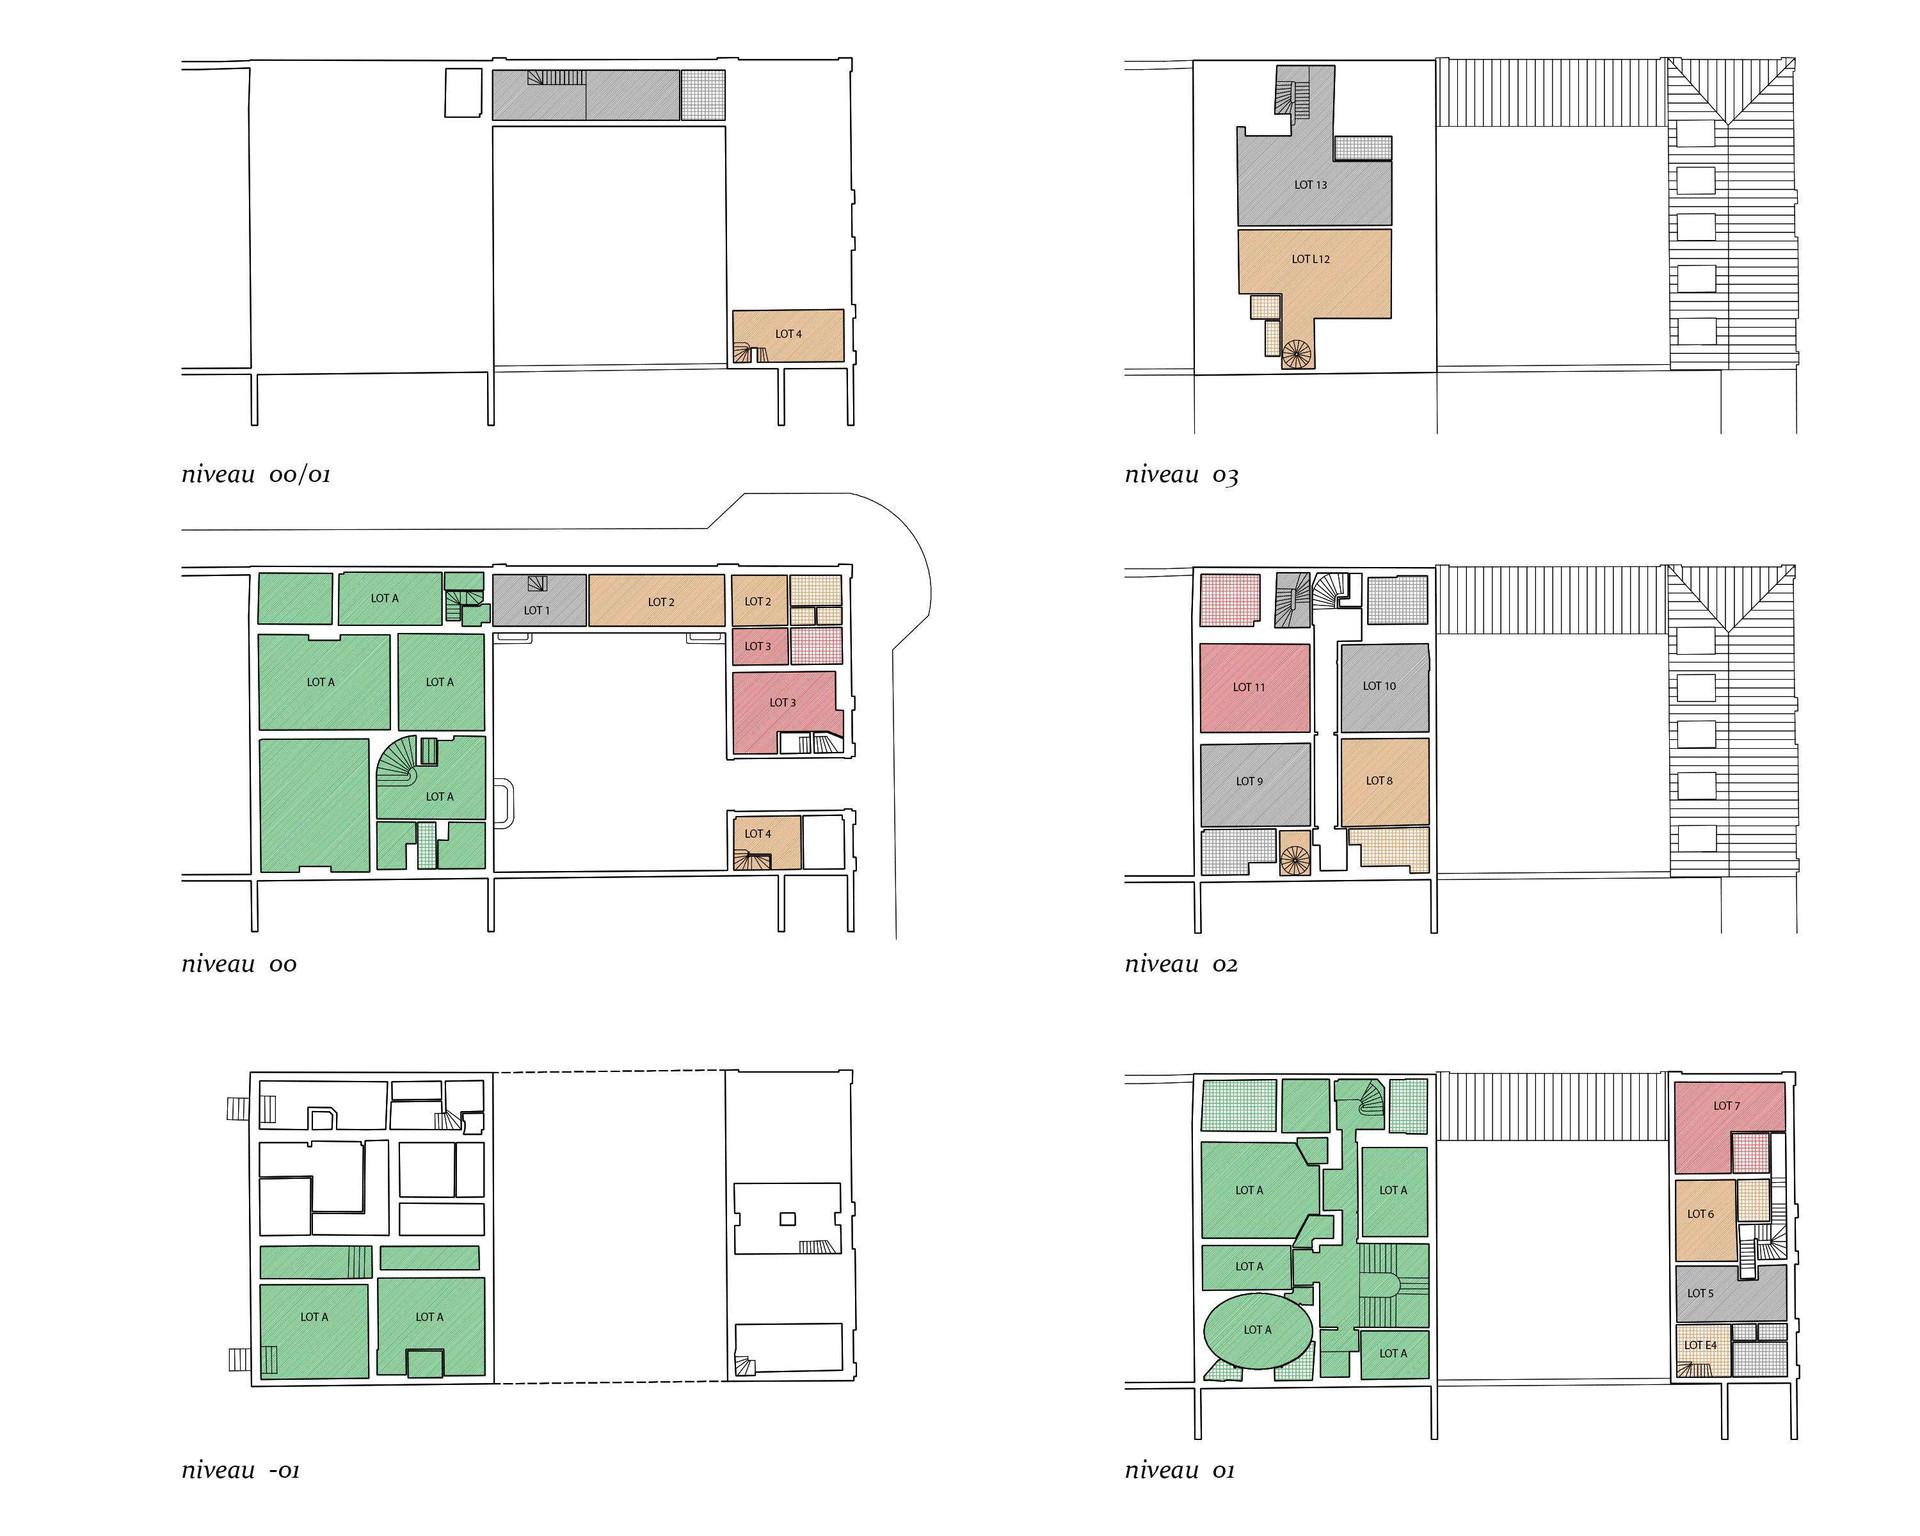 répartition des habitations